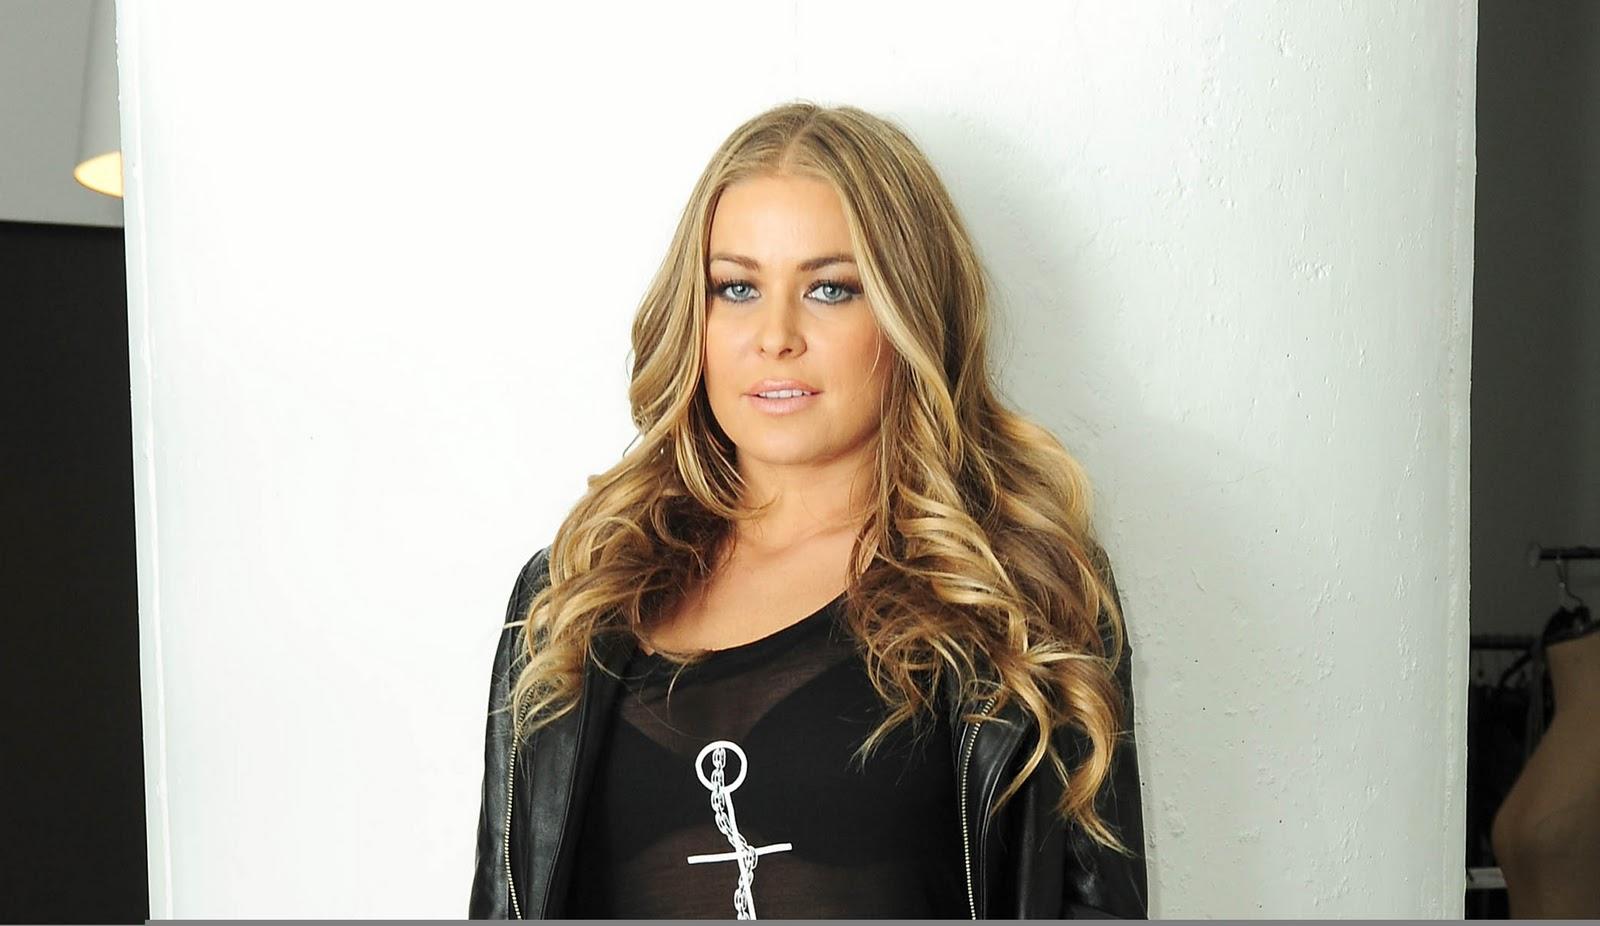 http://3.bp.blogspot.com/-wDcTbhCMvXs/Tnrwoj2htAI/AAAAAAAACvw/A3HYOmX6lgg/s1600/carmen-electra-hair-.jpg